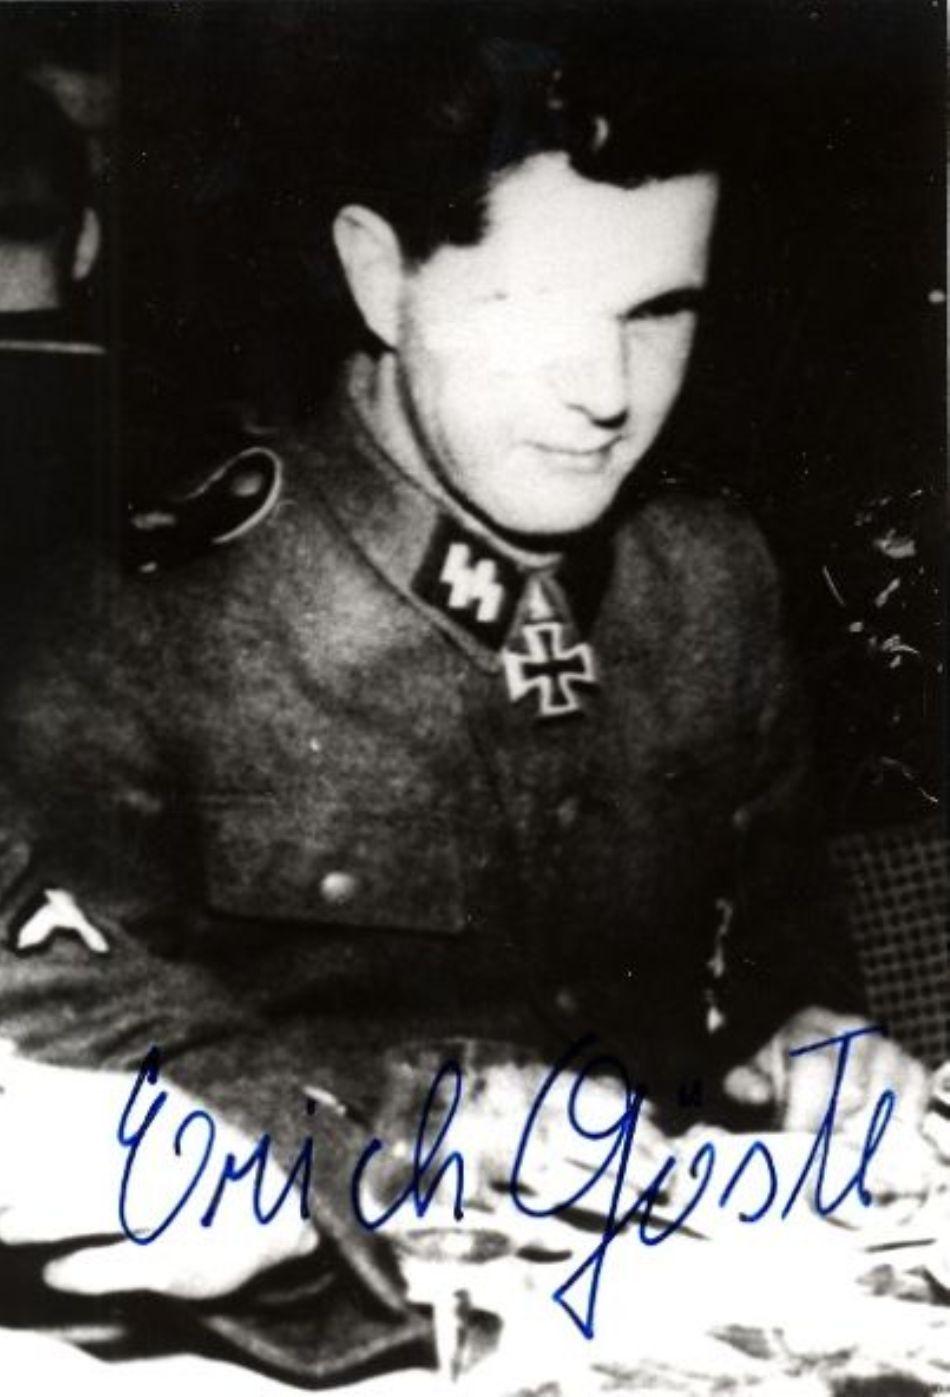 Fofografia şi semnătura lui Erich Gostl